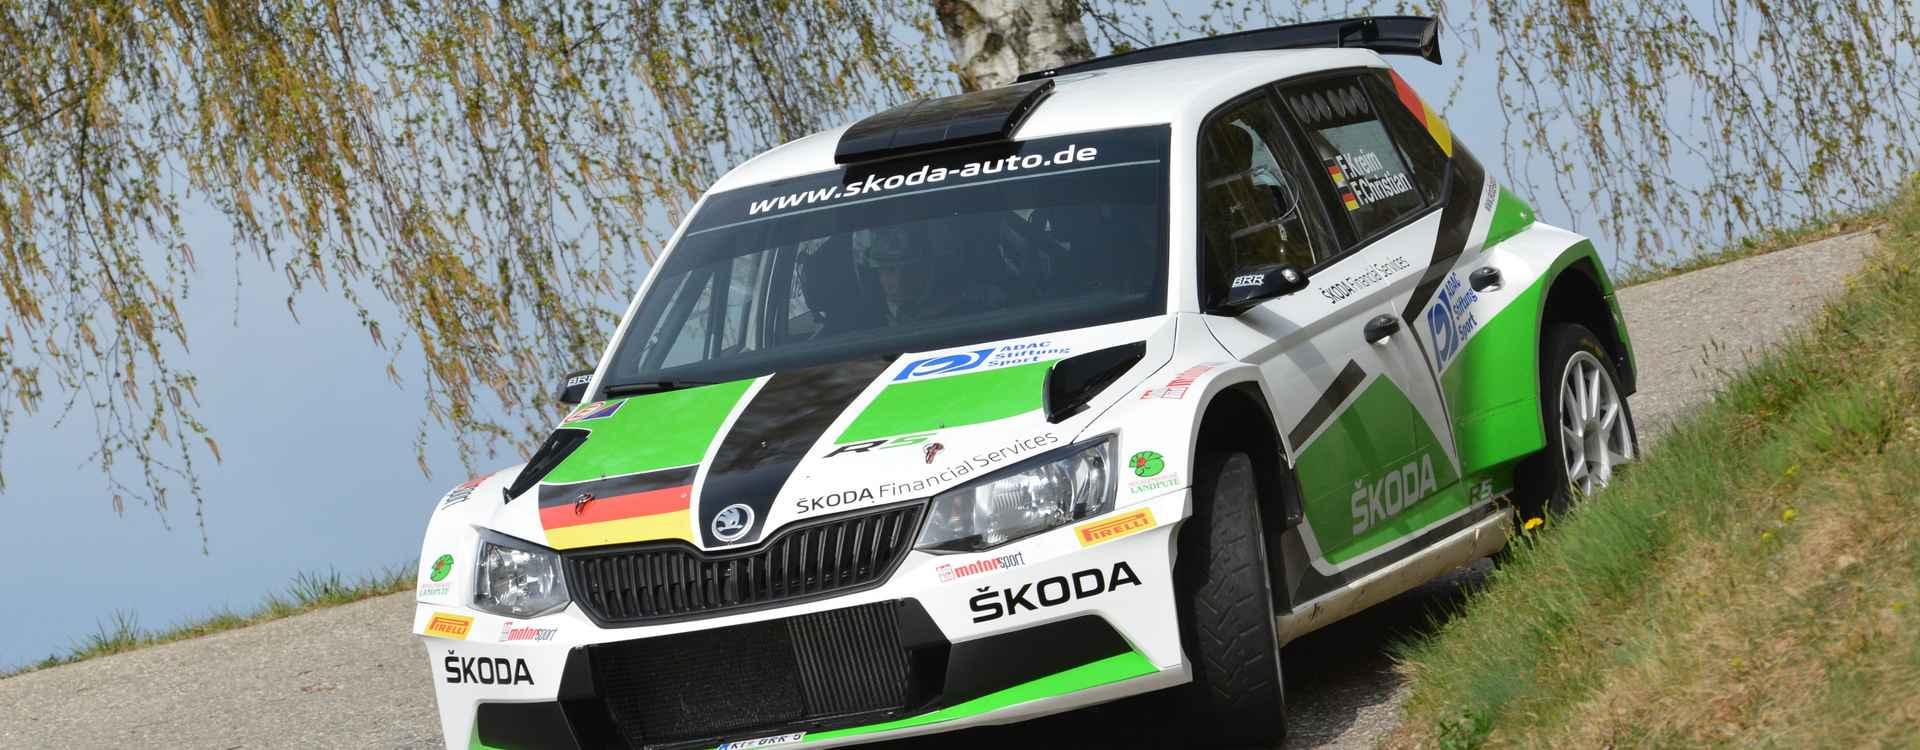 FOTO: Dvojnásobné vítězství Fabie R5 na Lavanttal Rallye